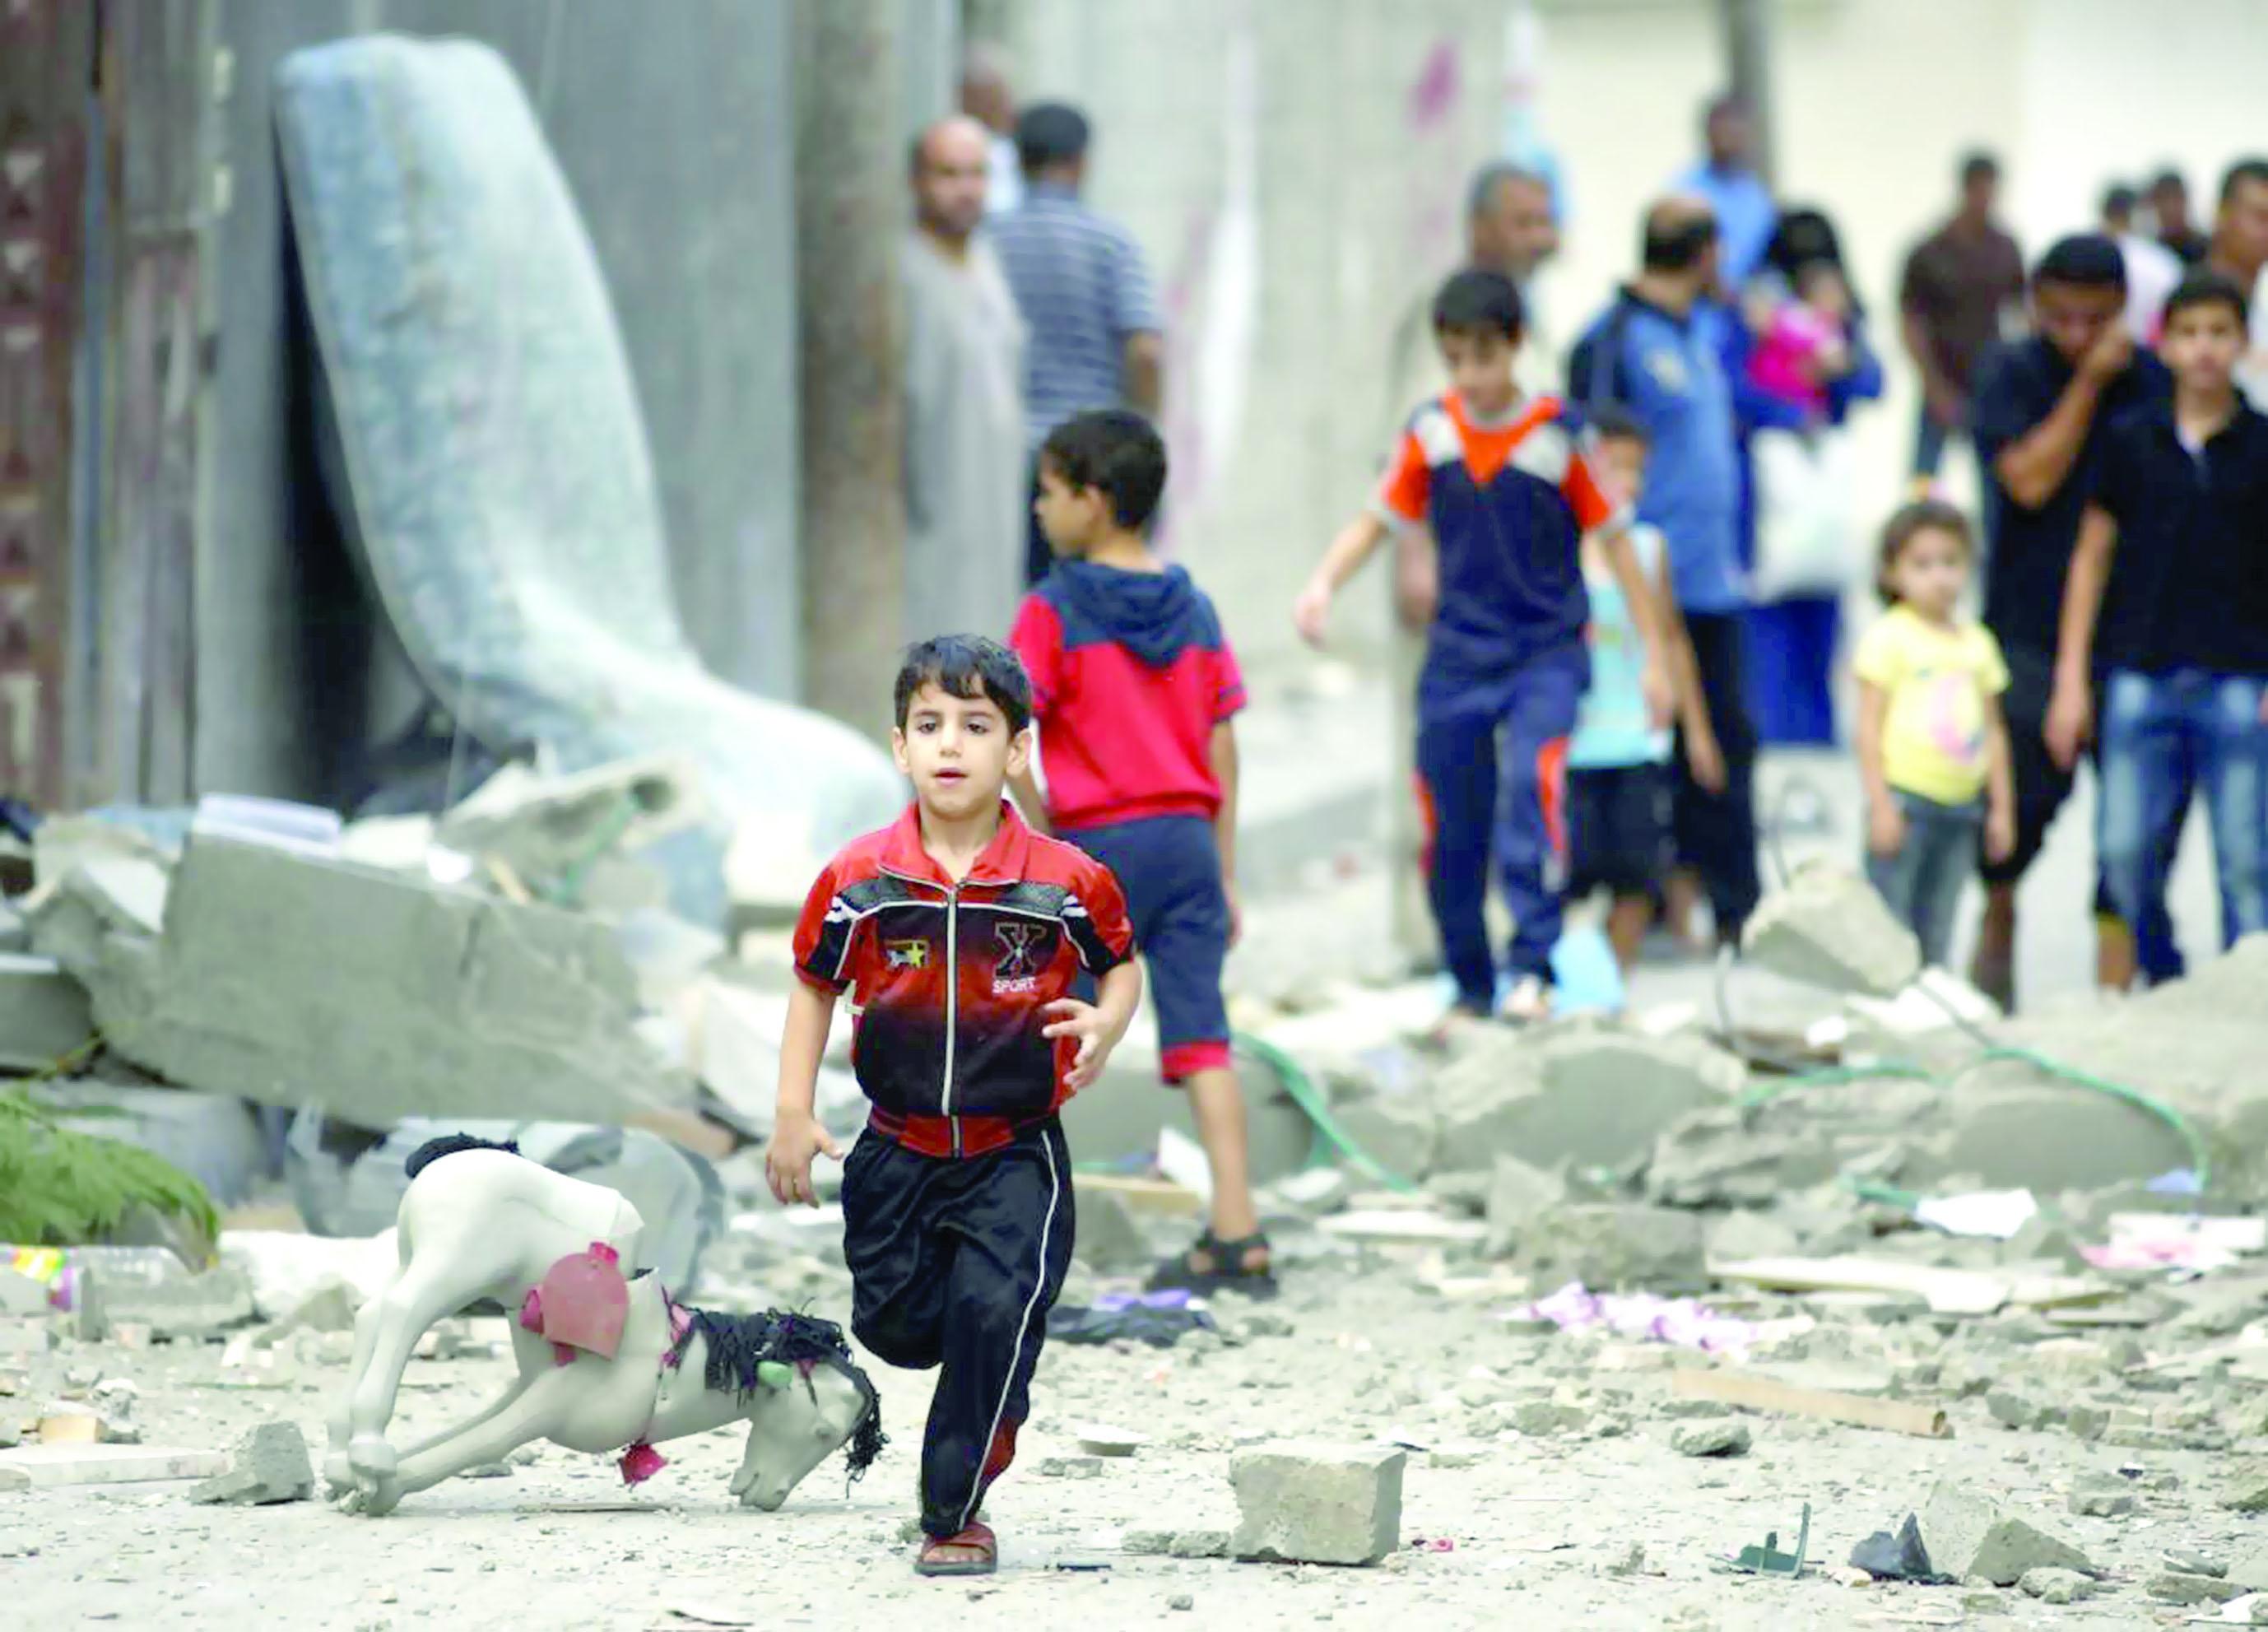 غارات وهمية للاحتلال في سماء قطاع غزة.. وتقديرات بتصاعد عمليات المقاومة في الضفة